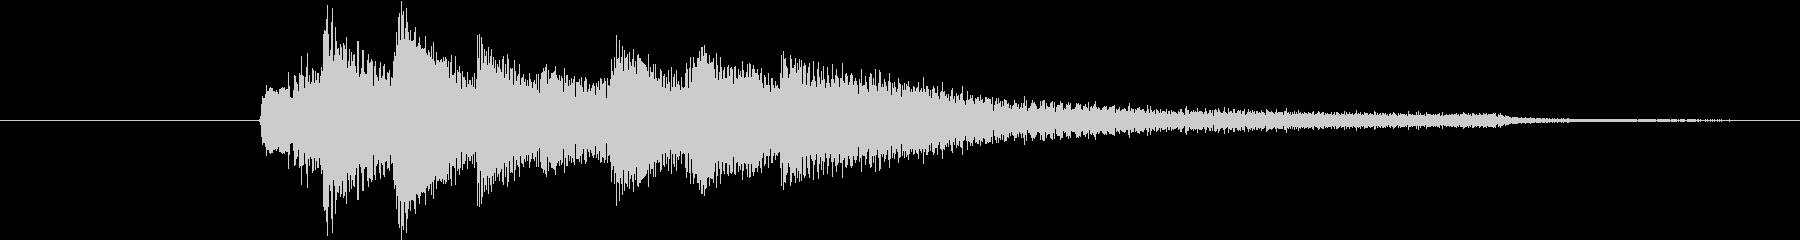 【生ピアノ】アイキャッチ:不穏な空気の未再生の波形